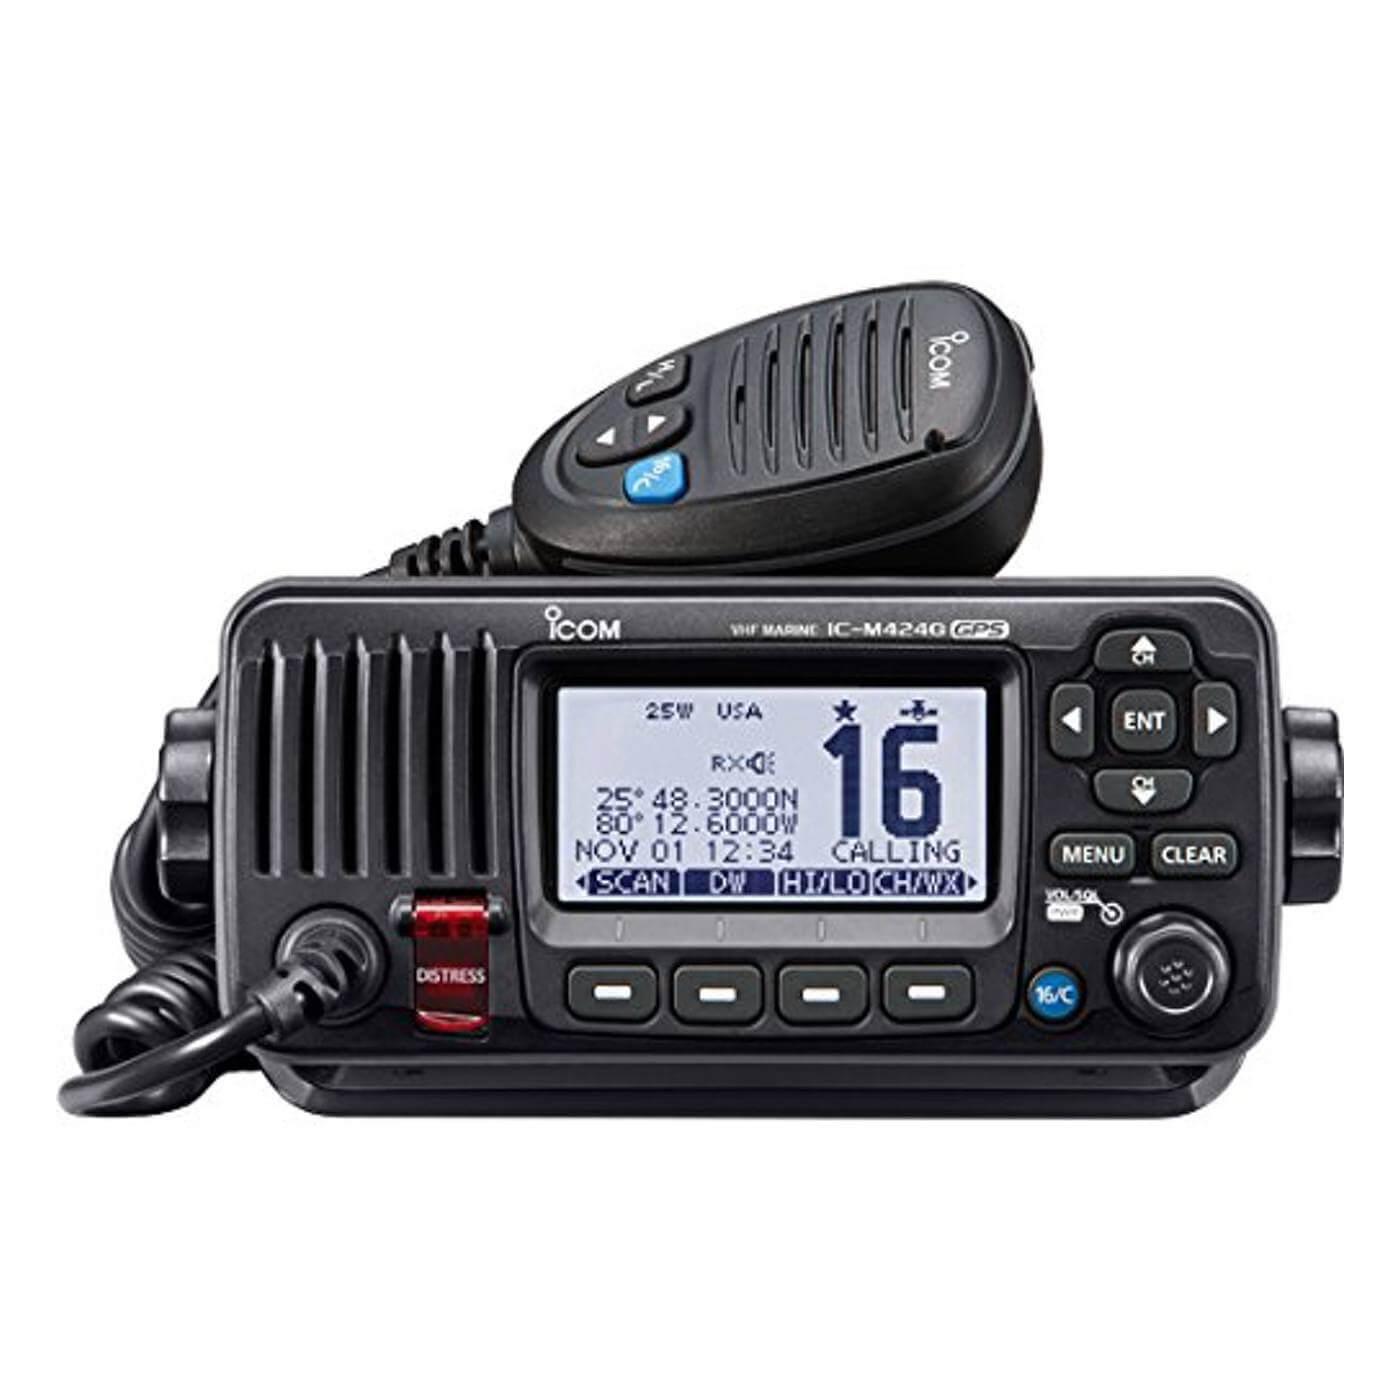 ICOM IC-M424G Compact Marine VHF Radio